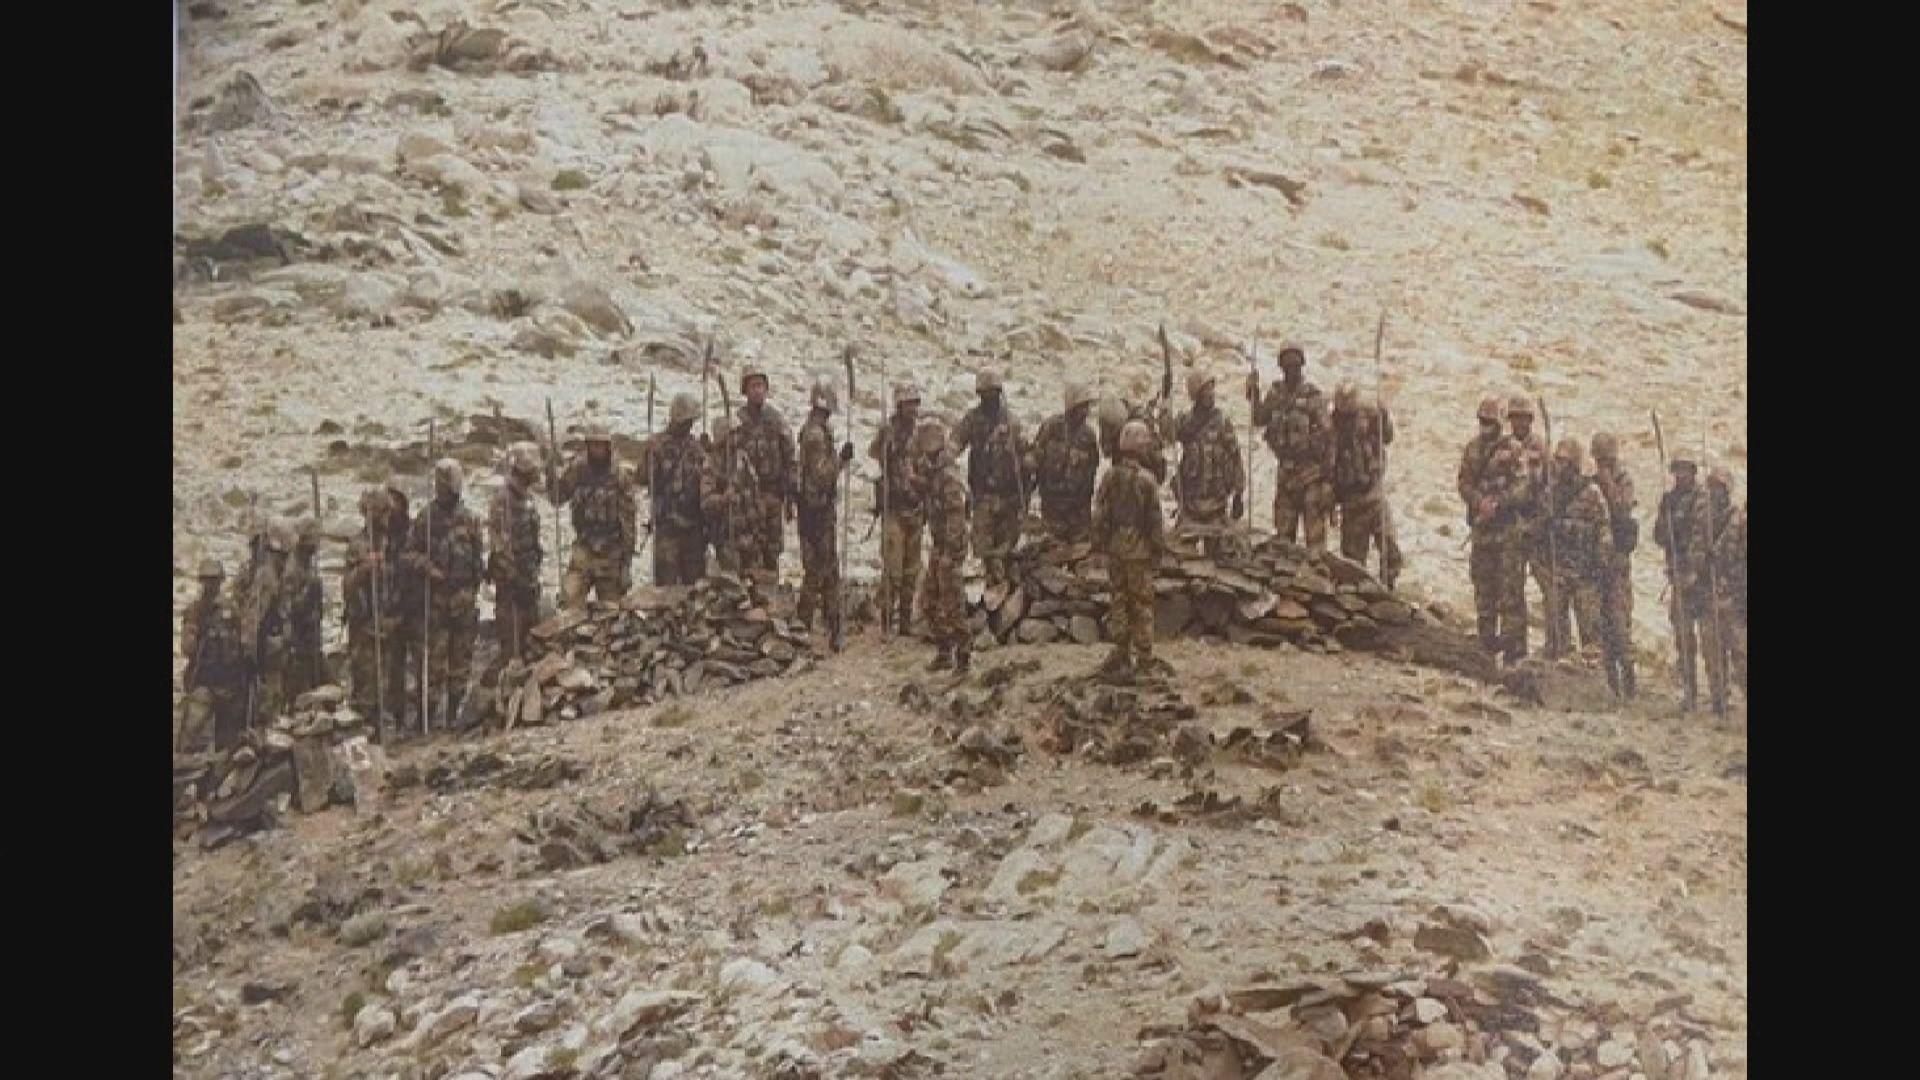 印媒稱中國解放軍於邊境持「關刀」逼近印軍